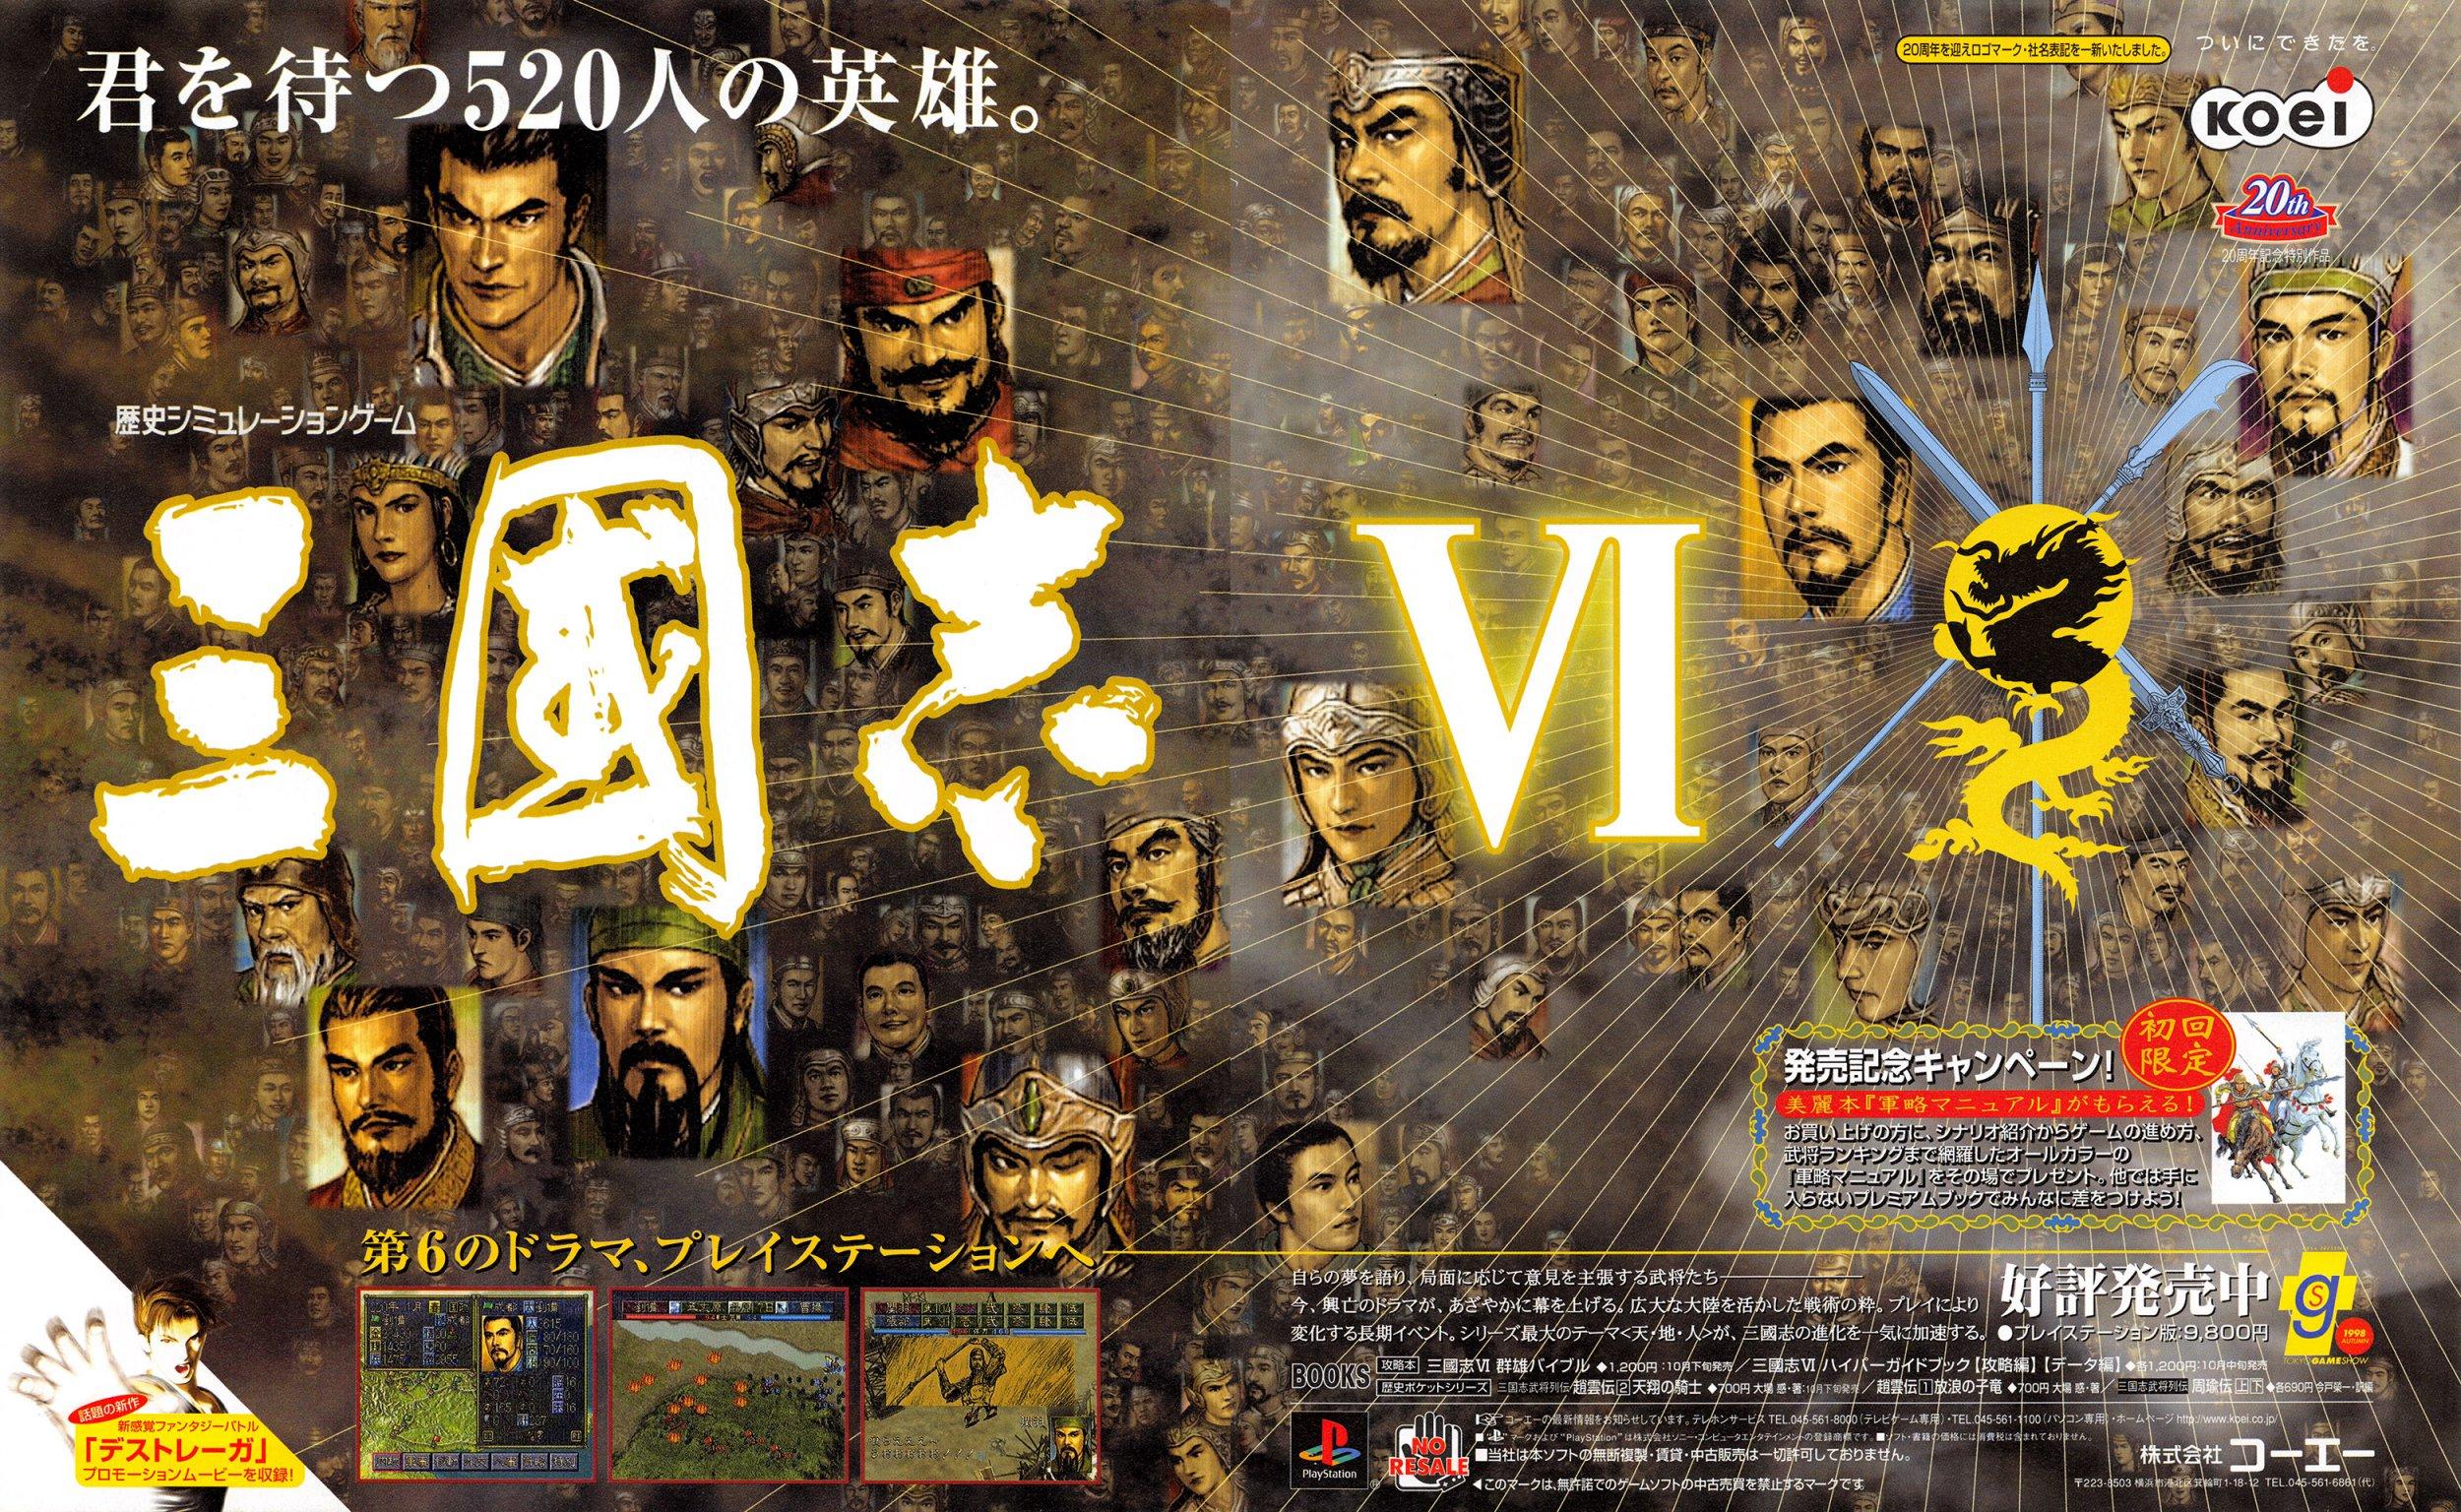 Sangokushi VI (Romance of the Three Kingdoms VI) (Japan)